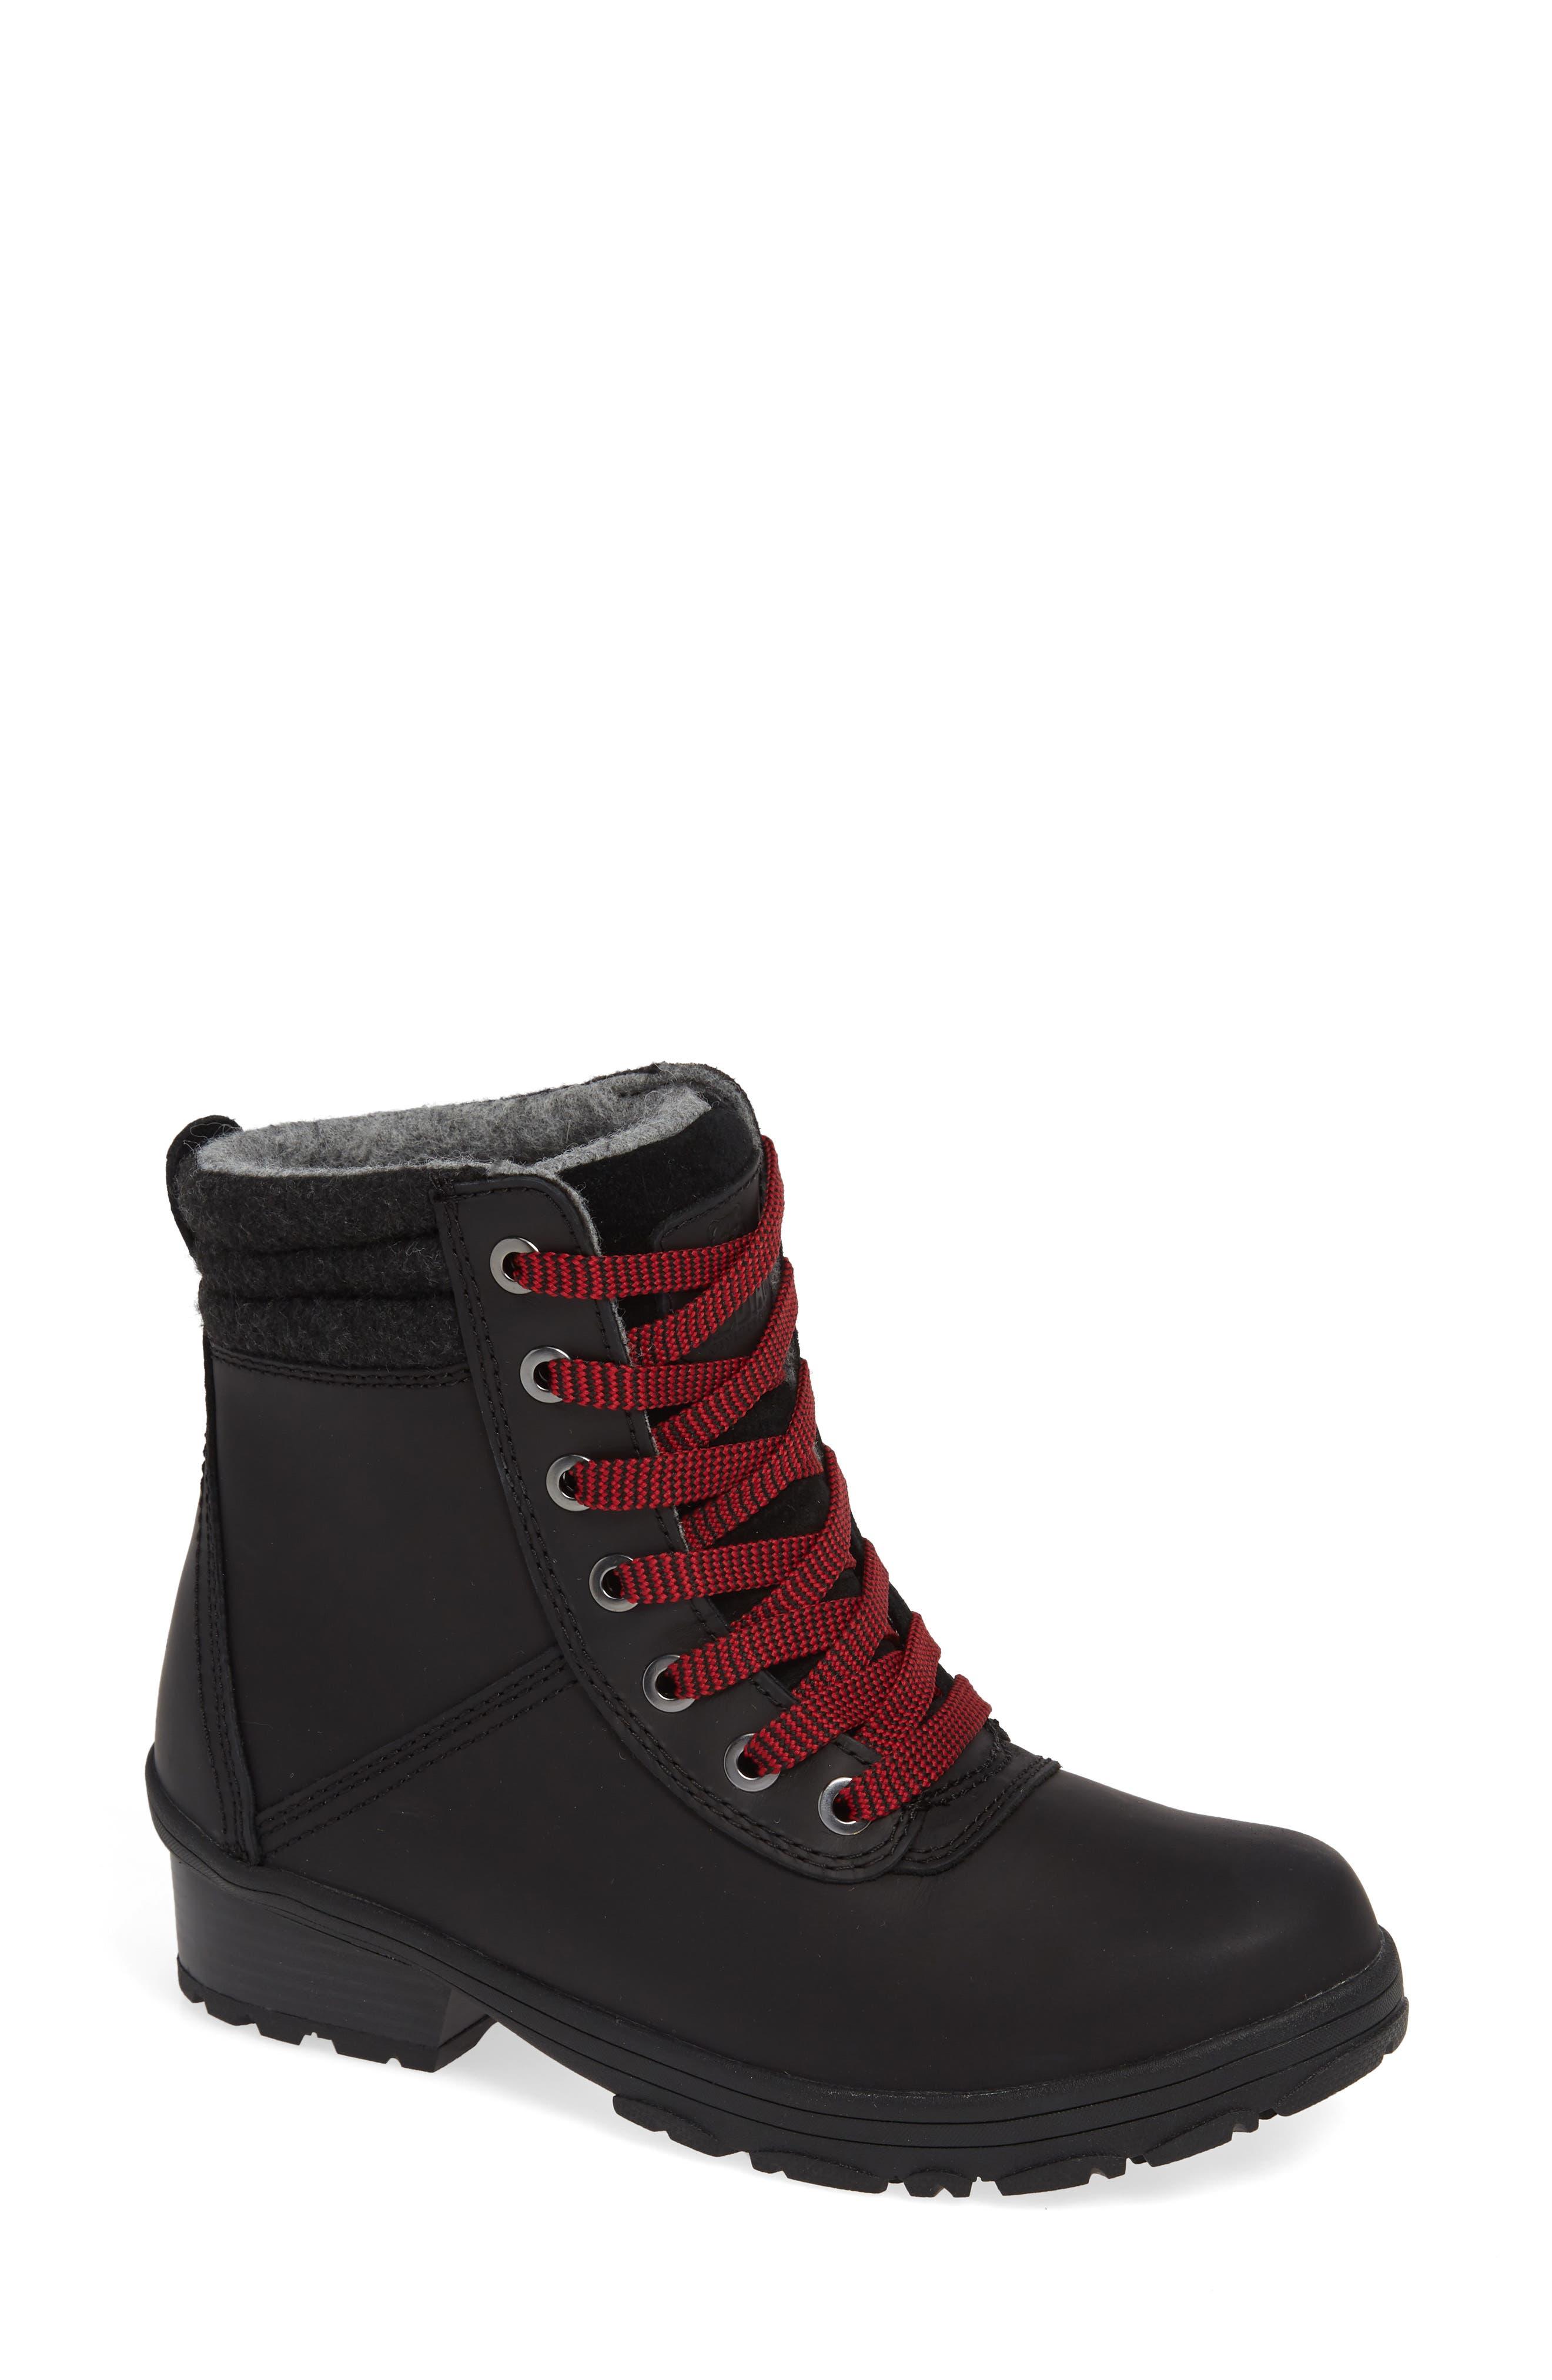 Kodiak Shari Waterproof Hiking Boot, Black